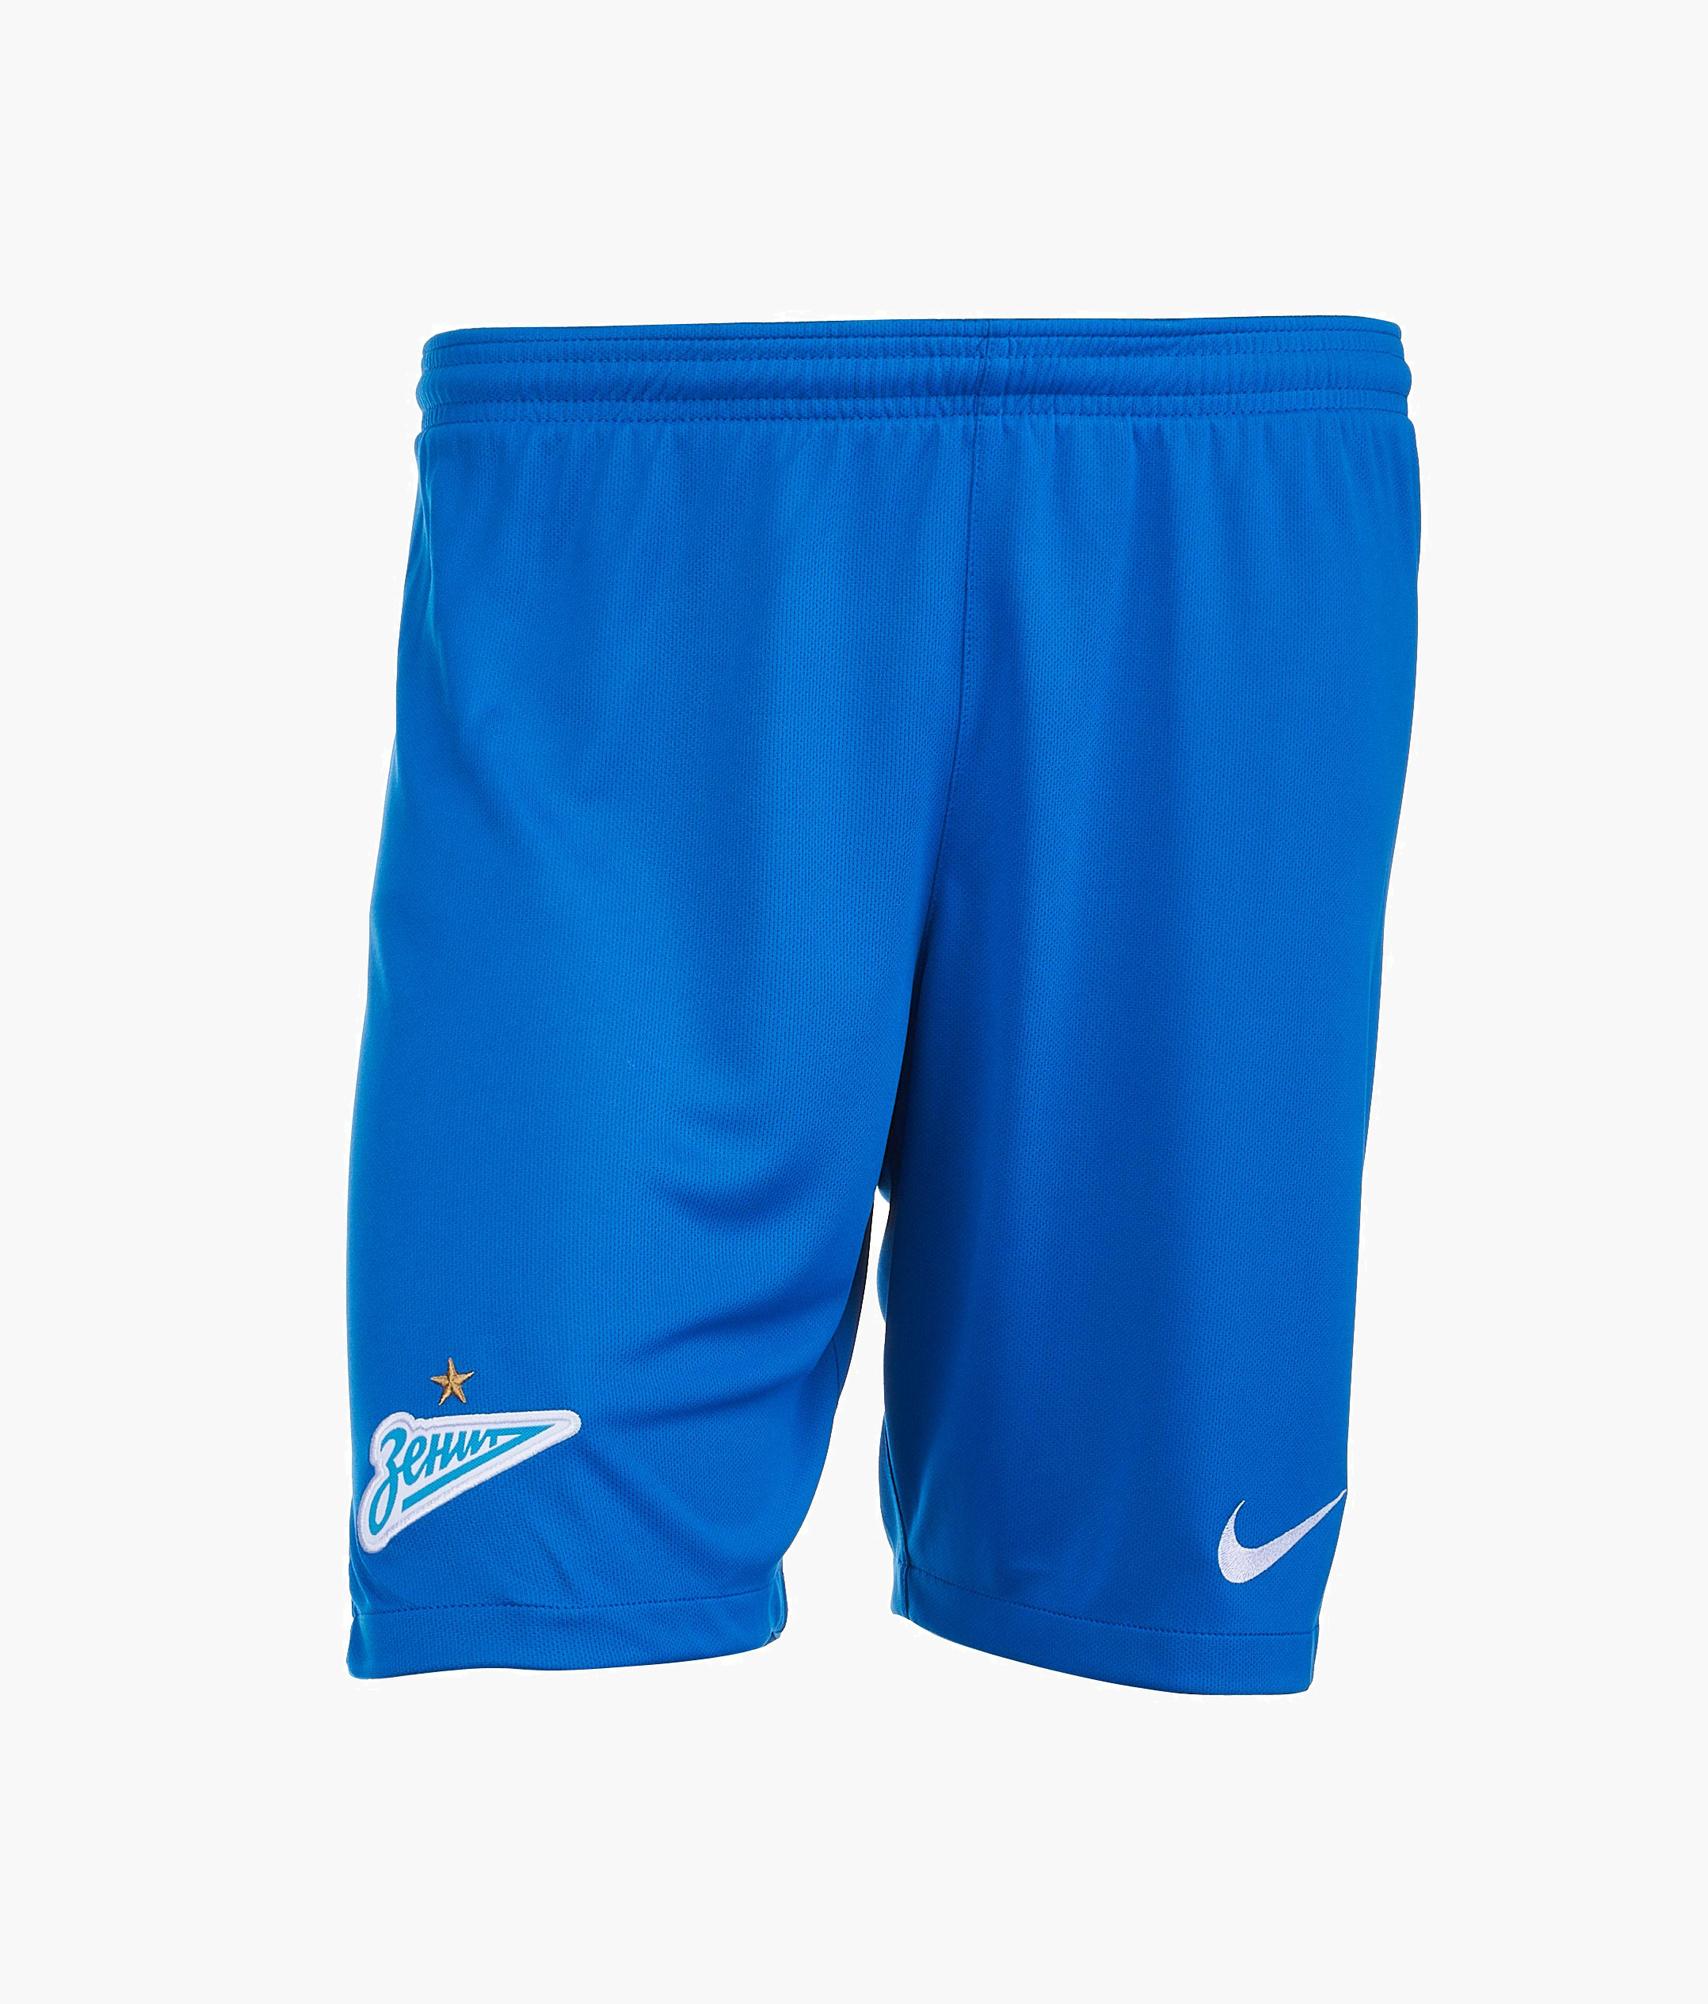 Подростковые домашние шорты Nike сезона 2018/2019  Цвет-Синий